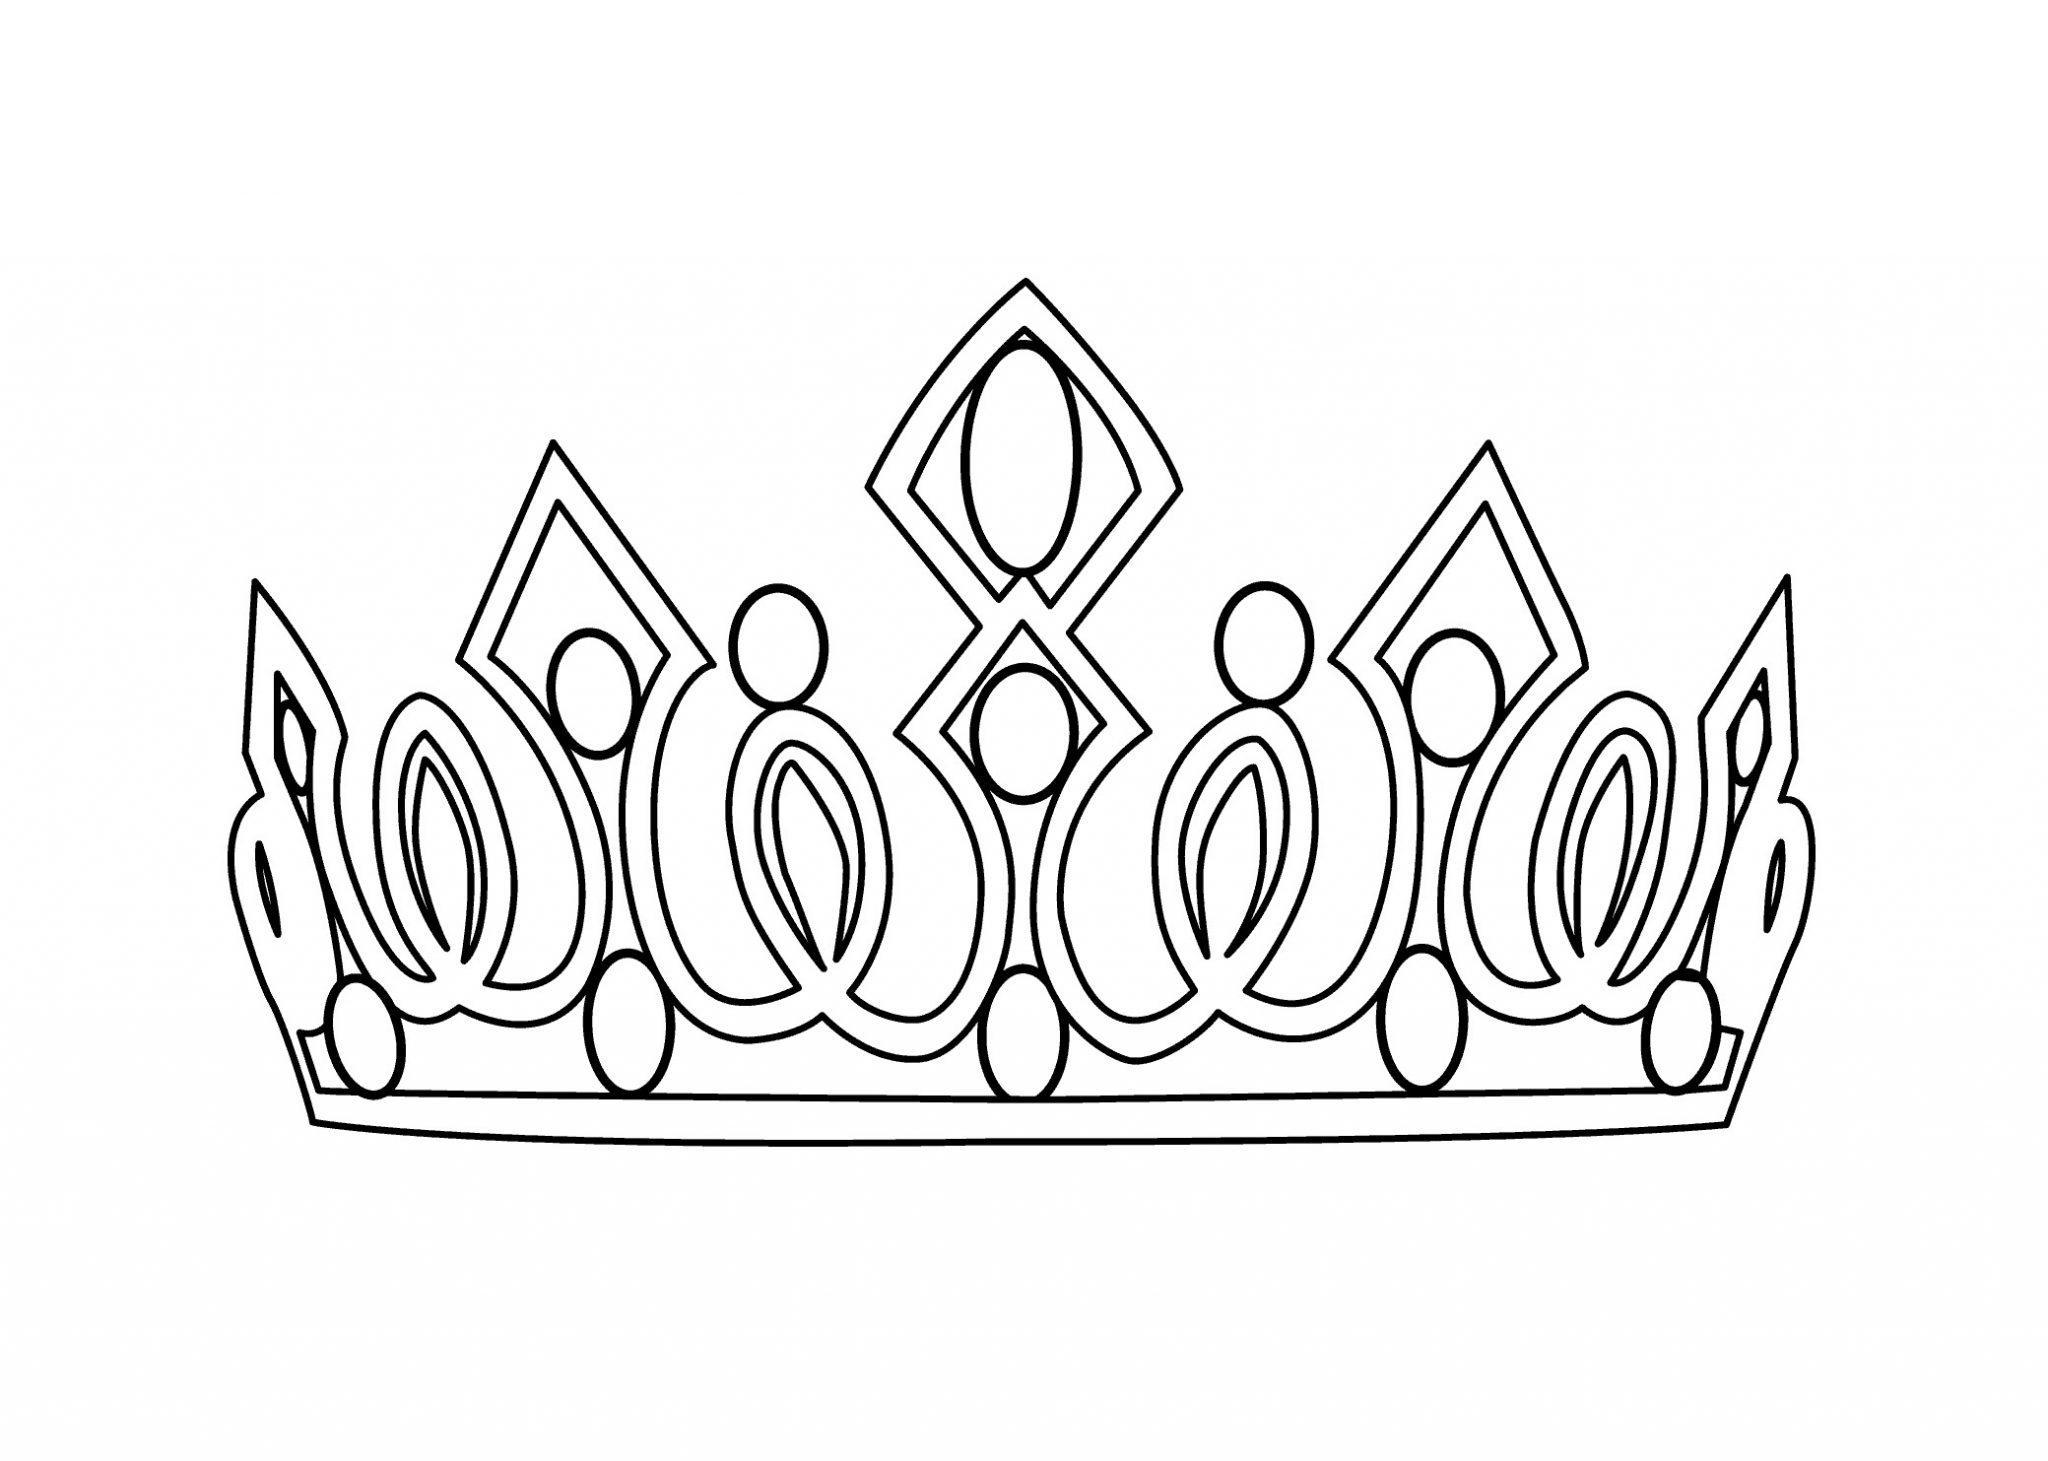 Картинки для раскрашивания короны